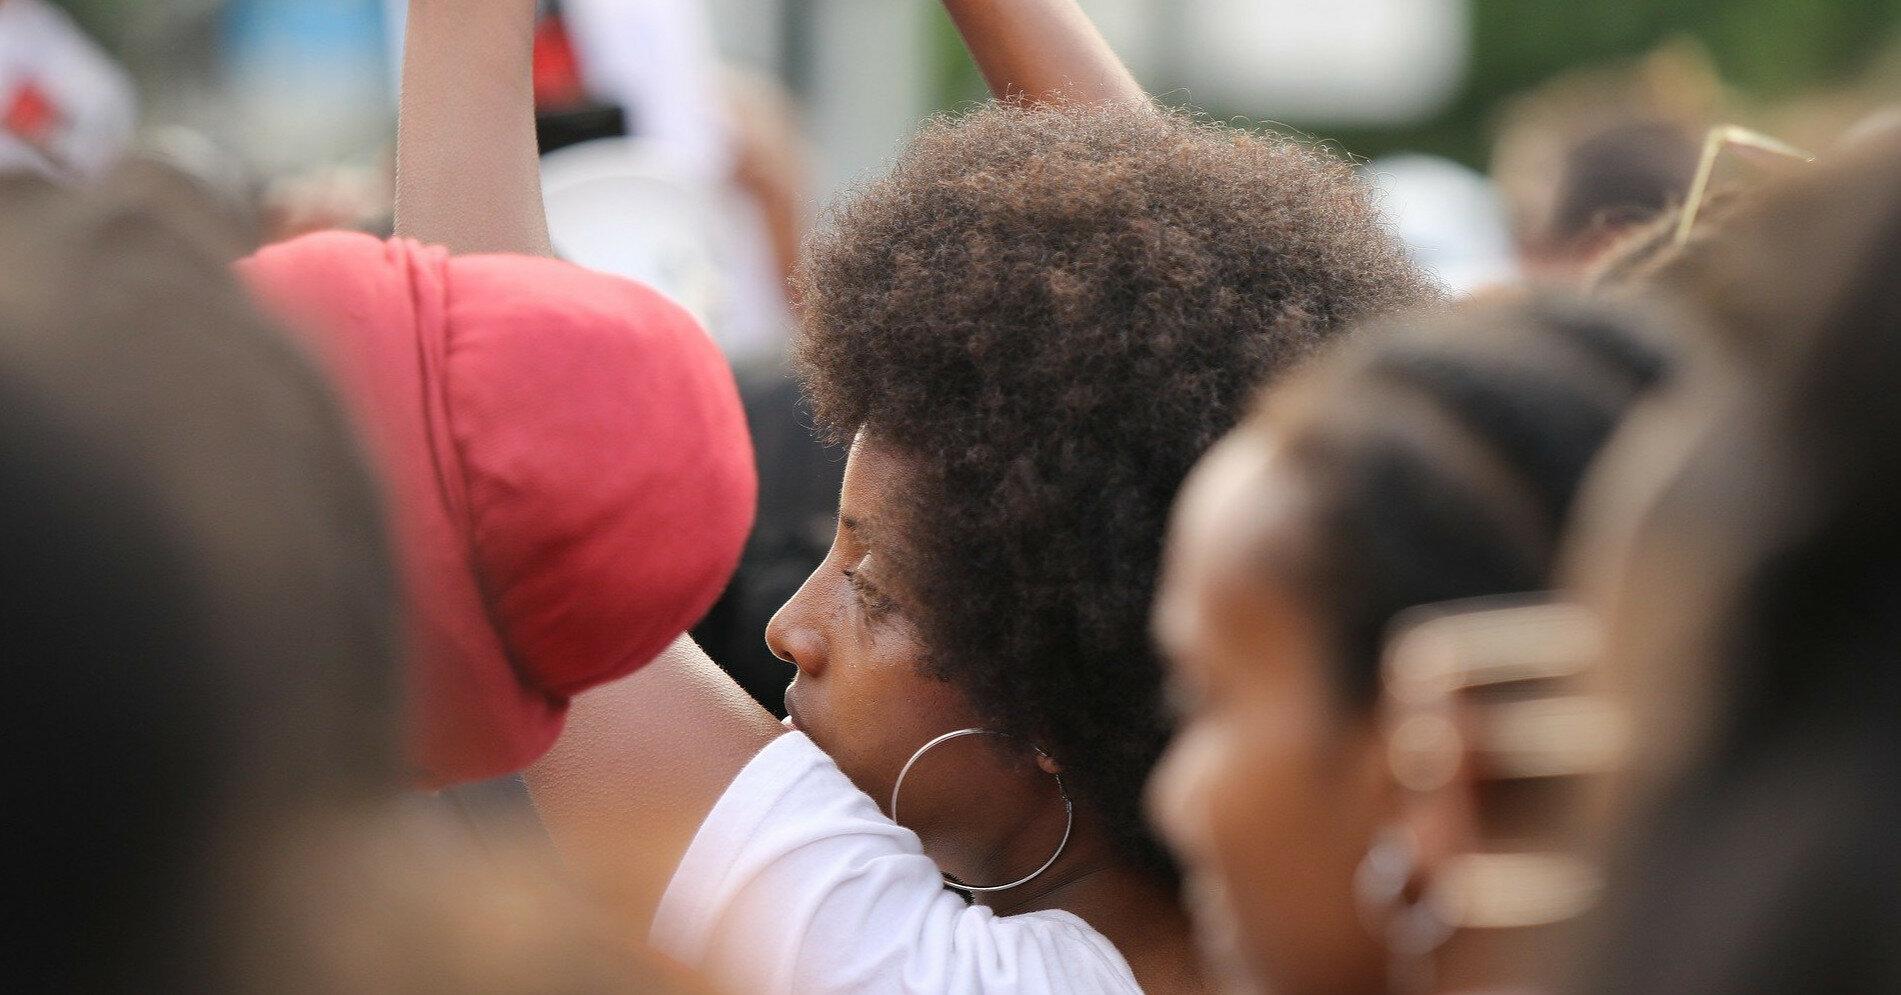 США призвали освободить всех задержанных активистов на Кубе